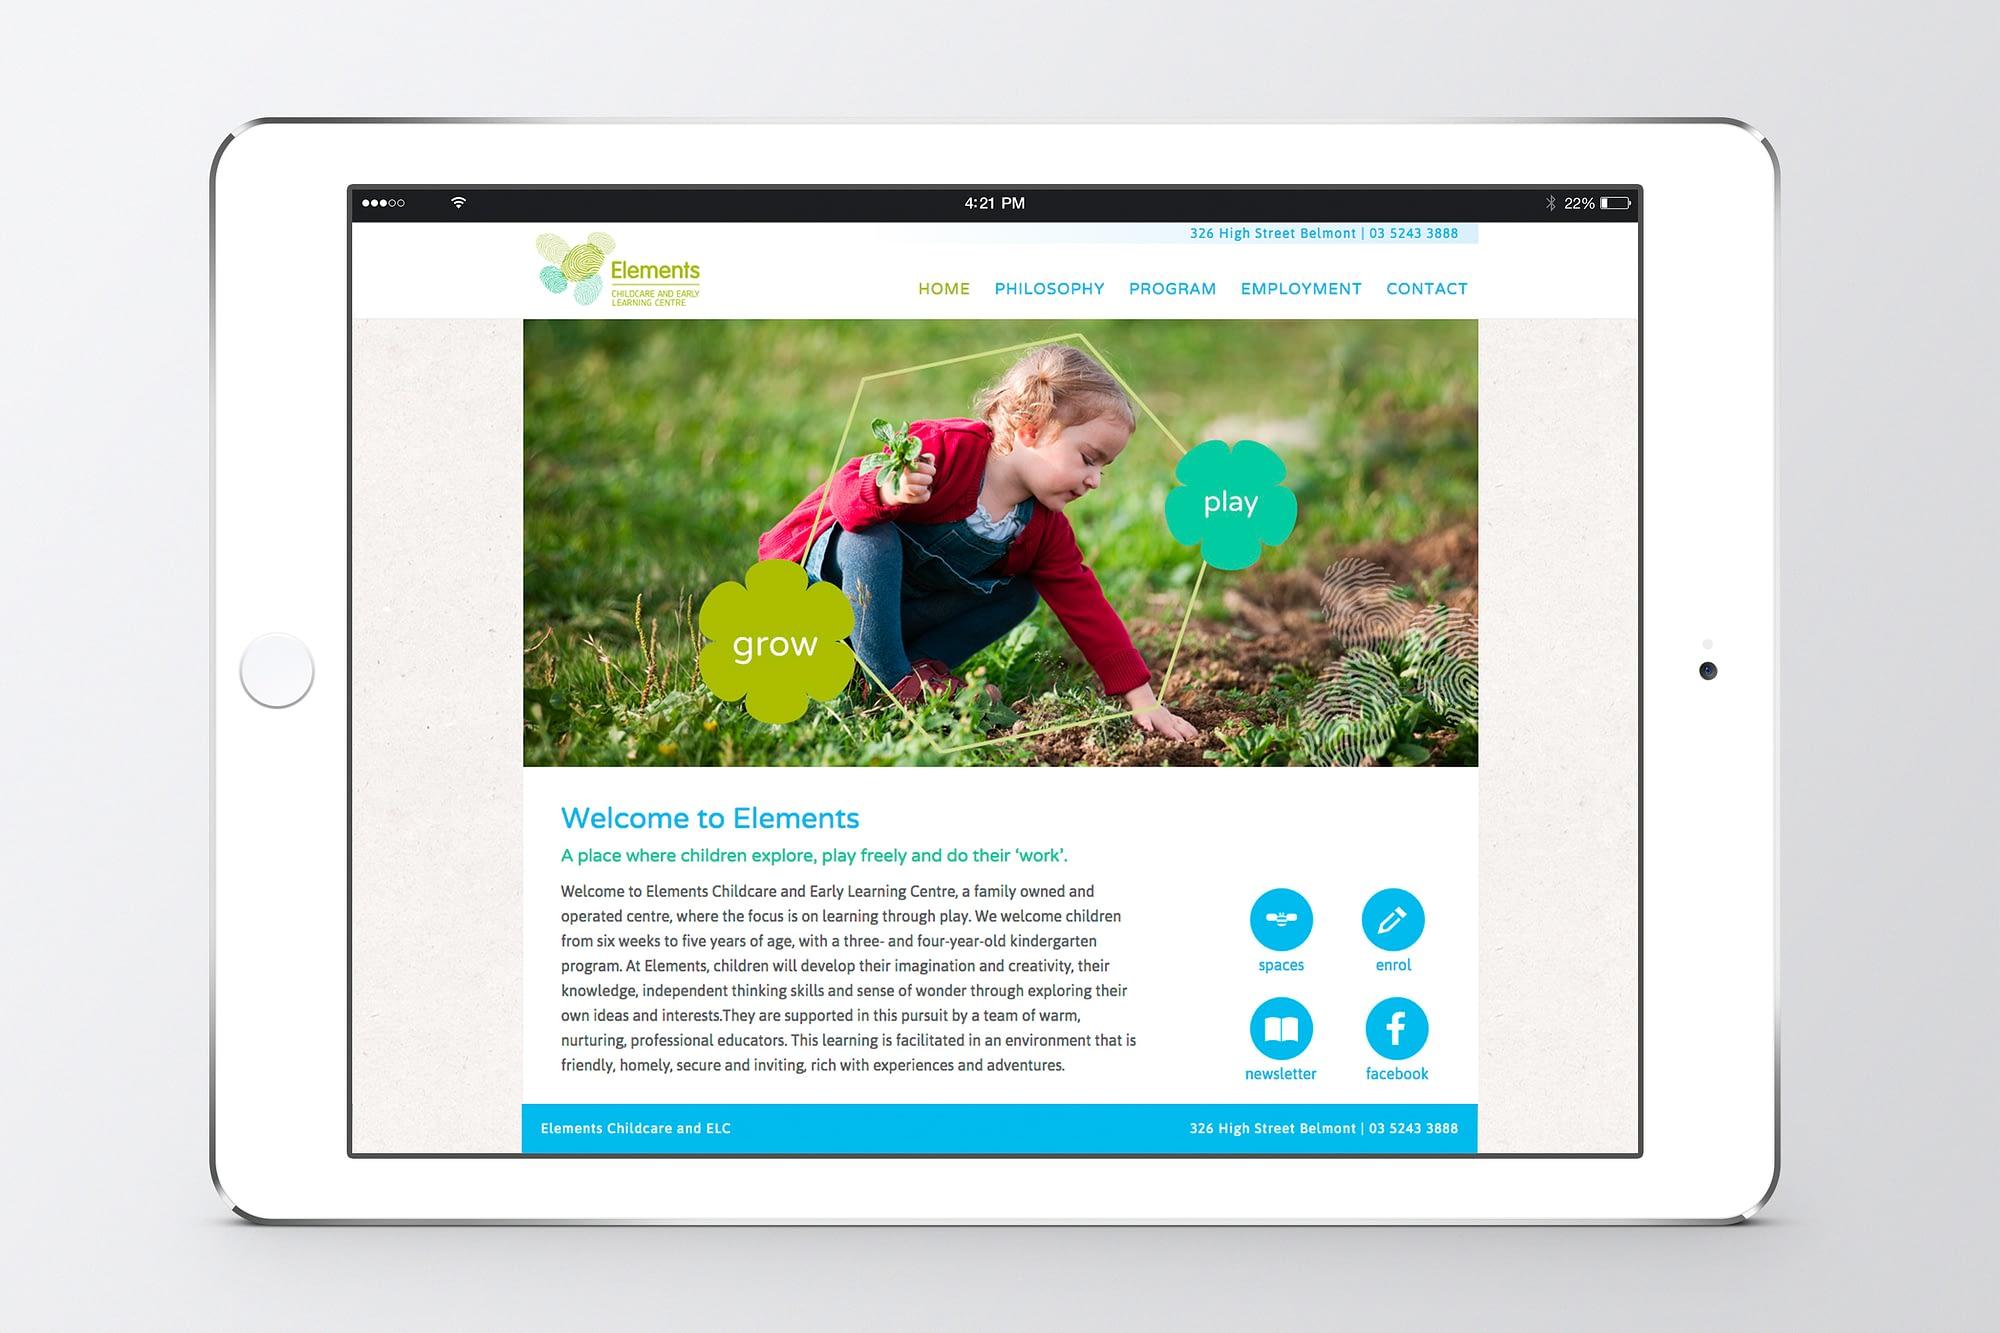 Elements website